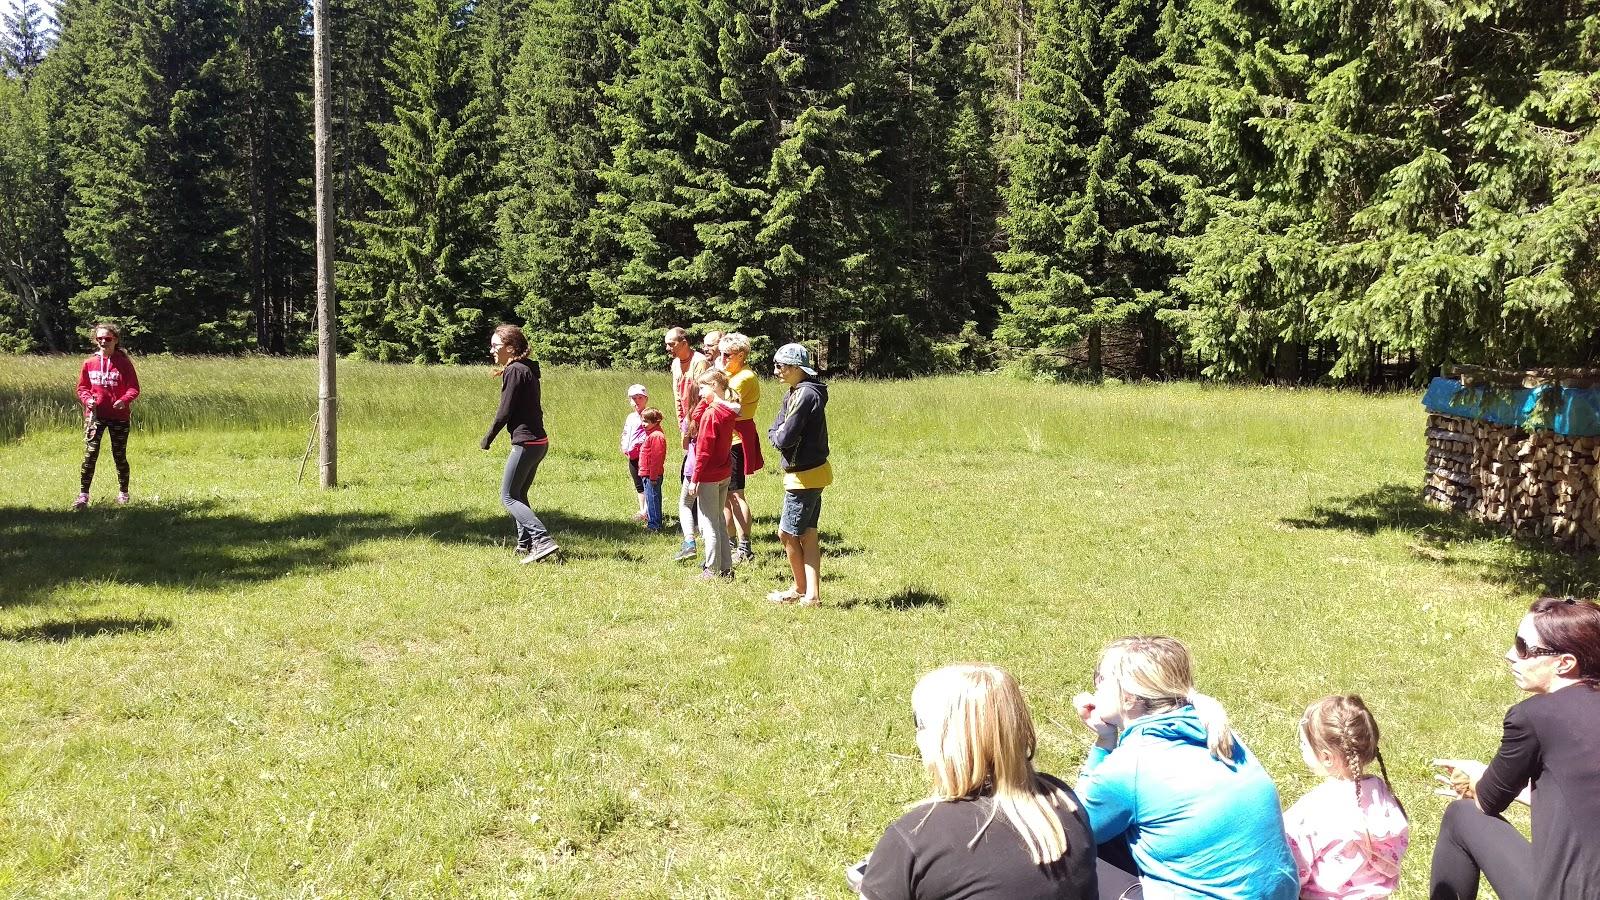 Piknik s starši 2015, Črni dol, 21. 6. 2015 - IMAG0183.jpg